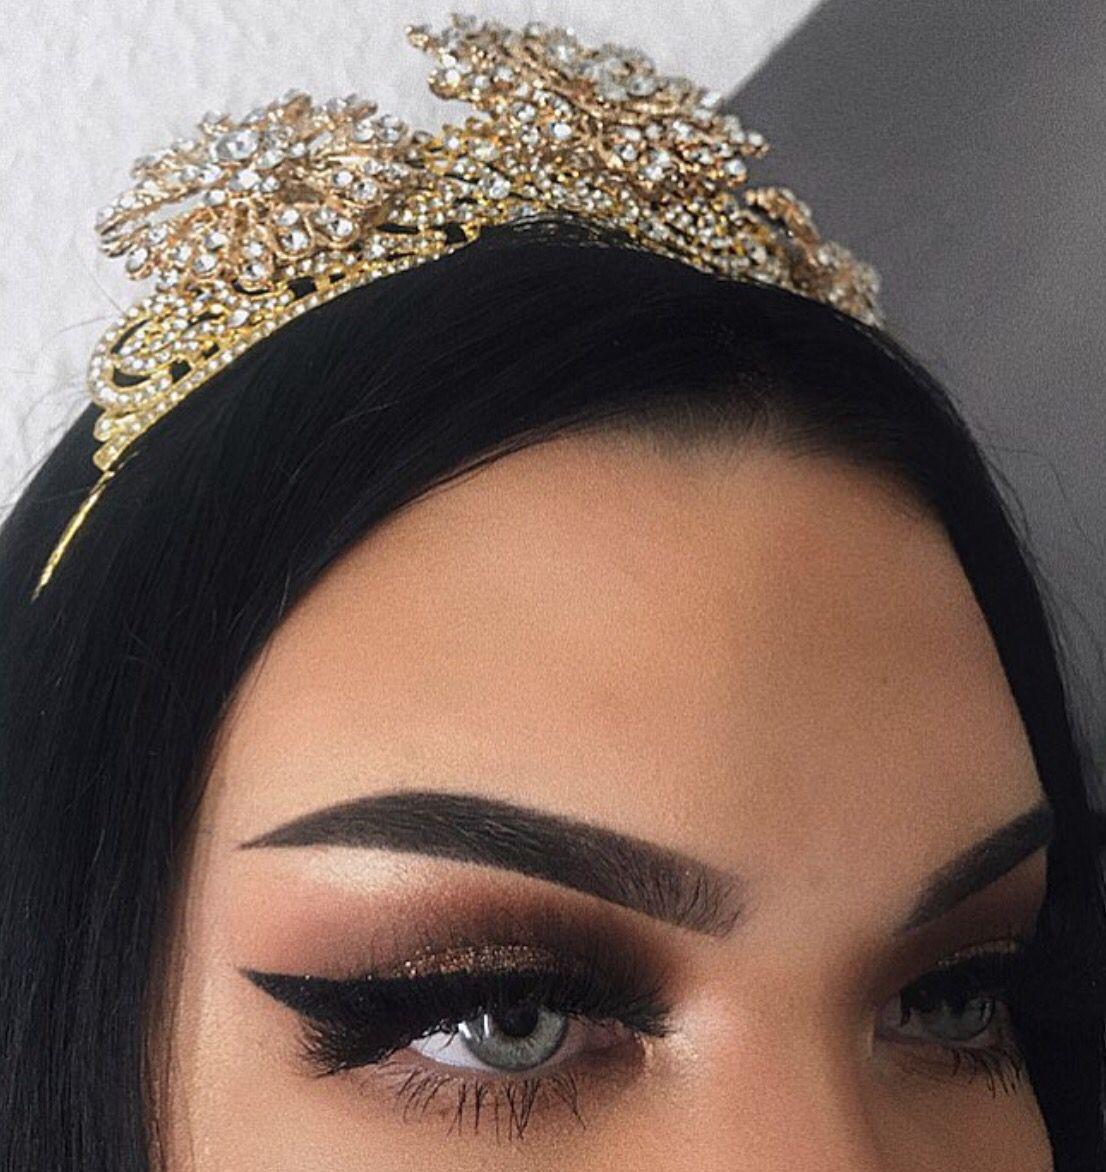 ᵛᴬᴿᵀᴬᴾ Makeup looks for green eyes, Stunning makeup, New